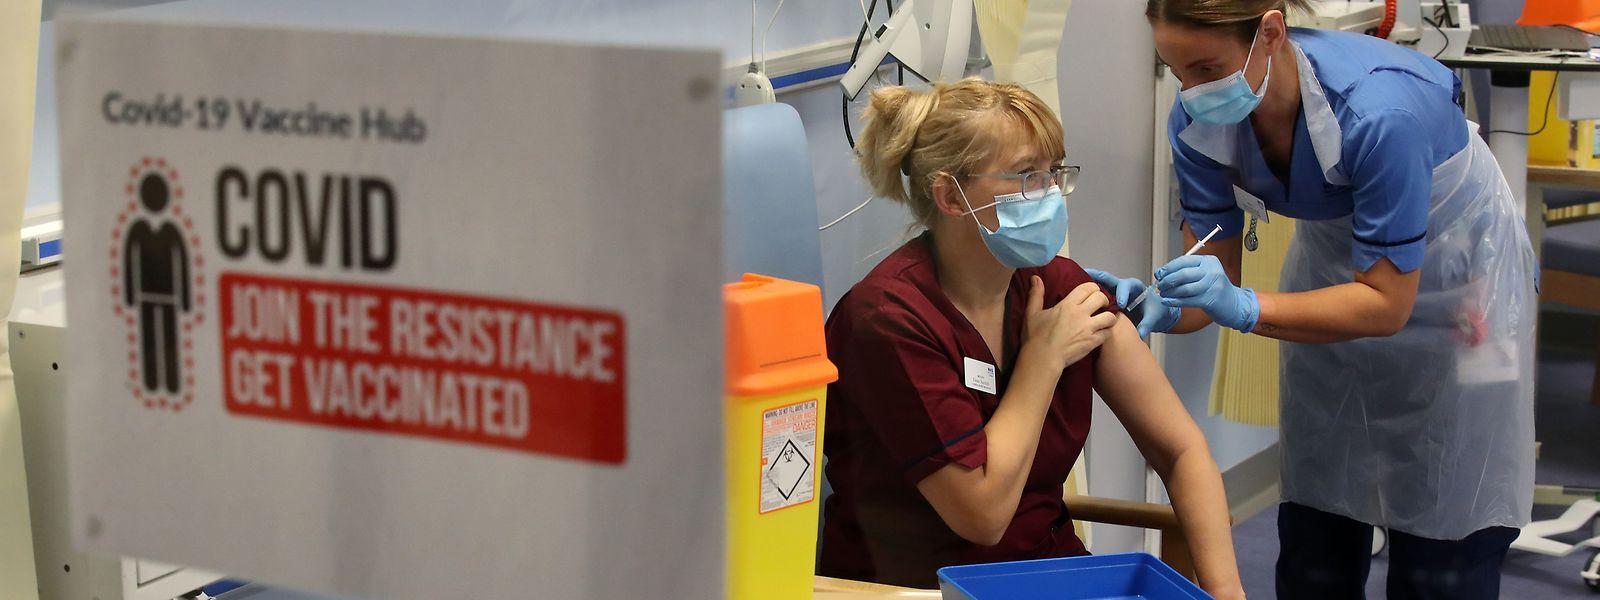 Krankenpflegerin impft Krankenpflegerin: Während Luxemburgs Abgeordnete die Impfstrategie debattieren, startete am Dienstag in Großbritannien die größte Impfaktion, die das Land je erlebte.